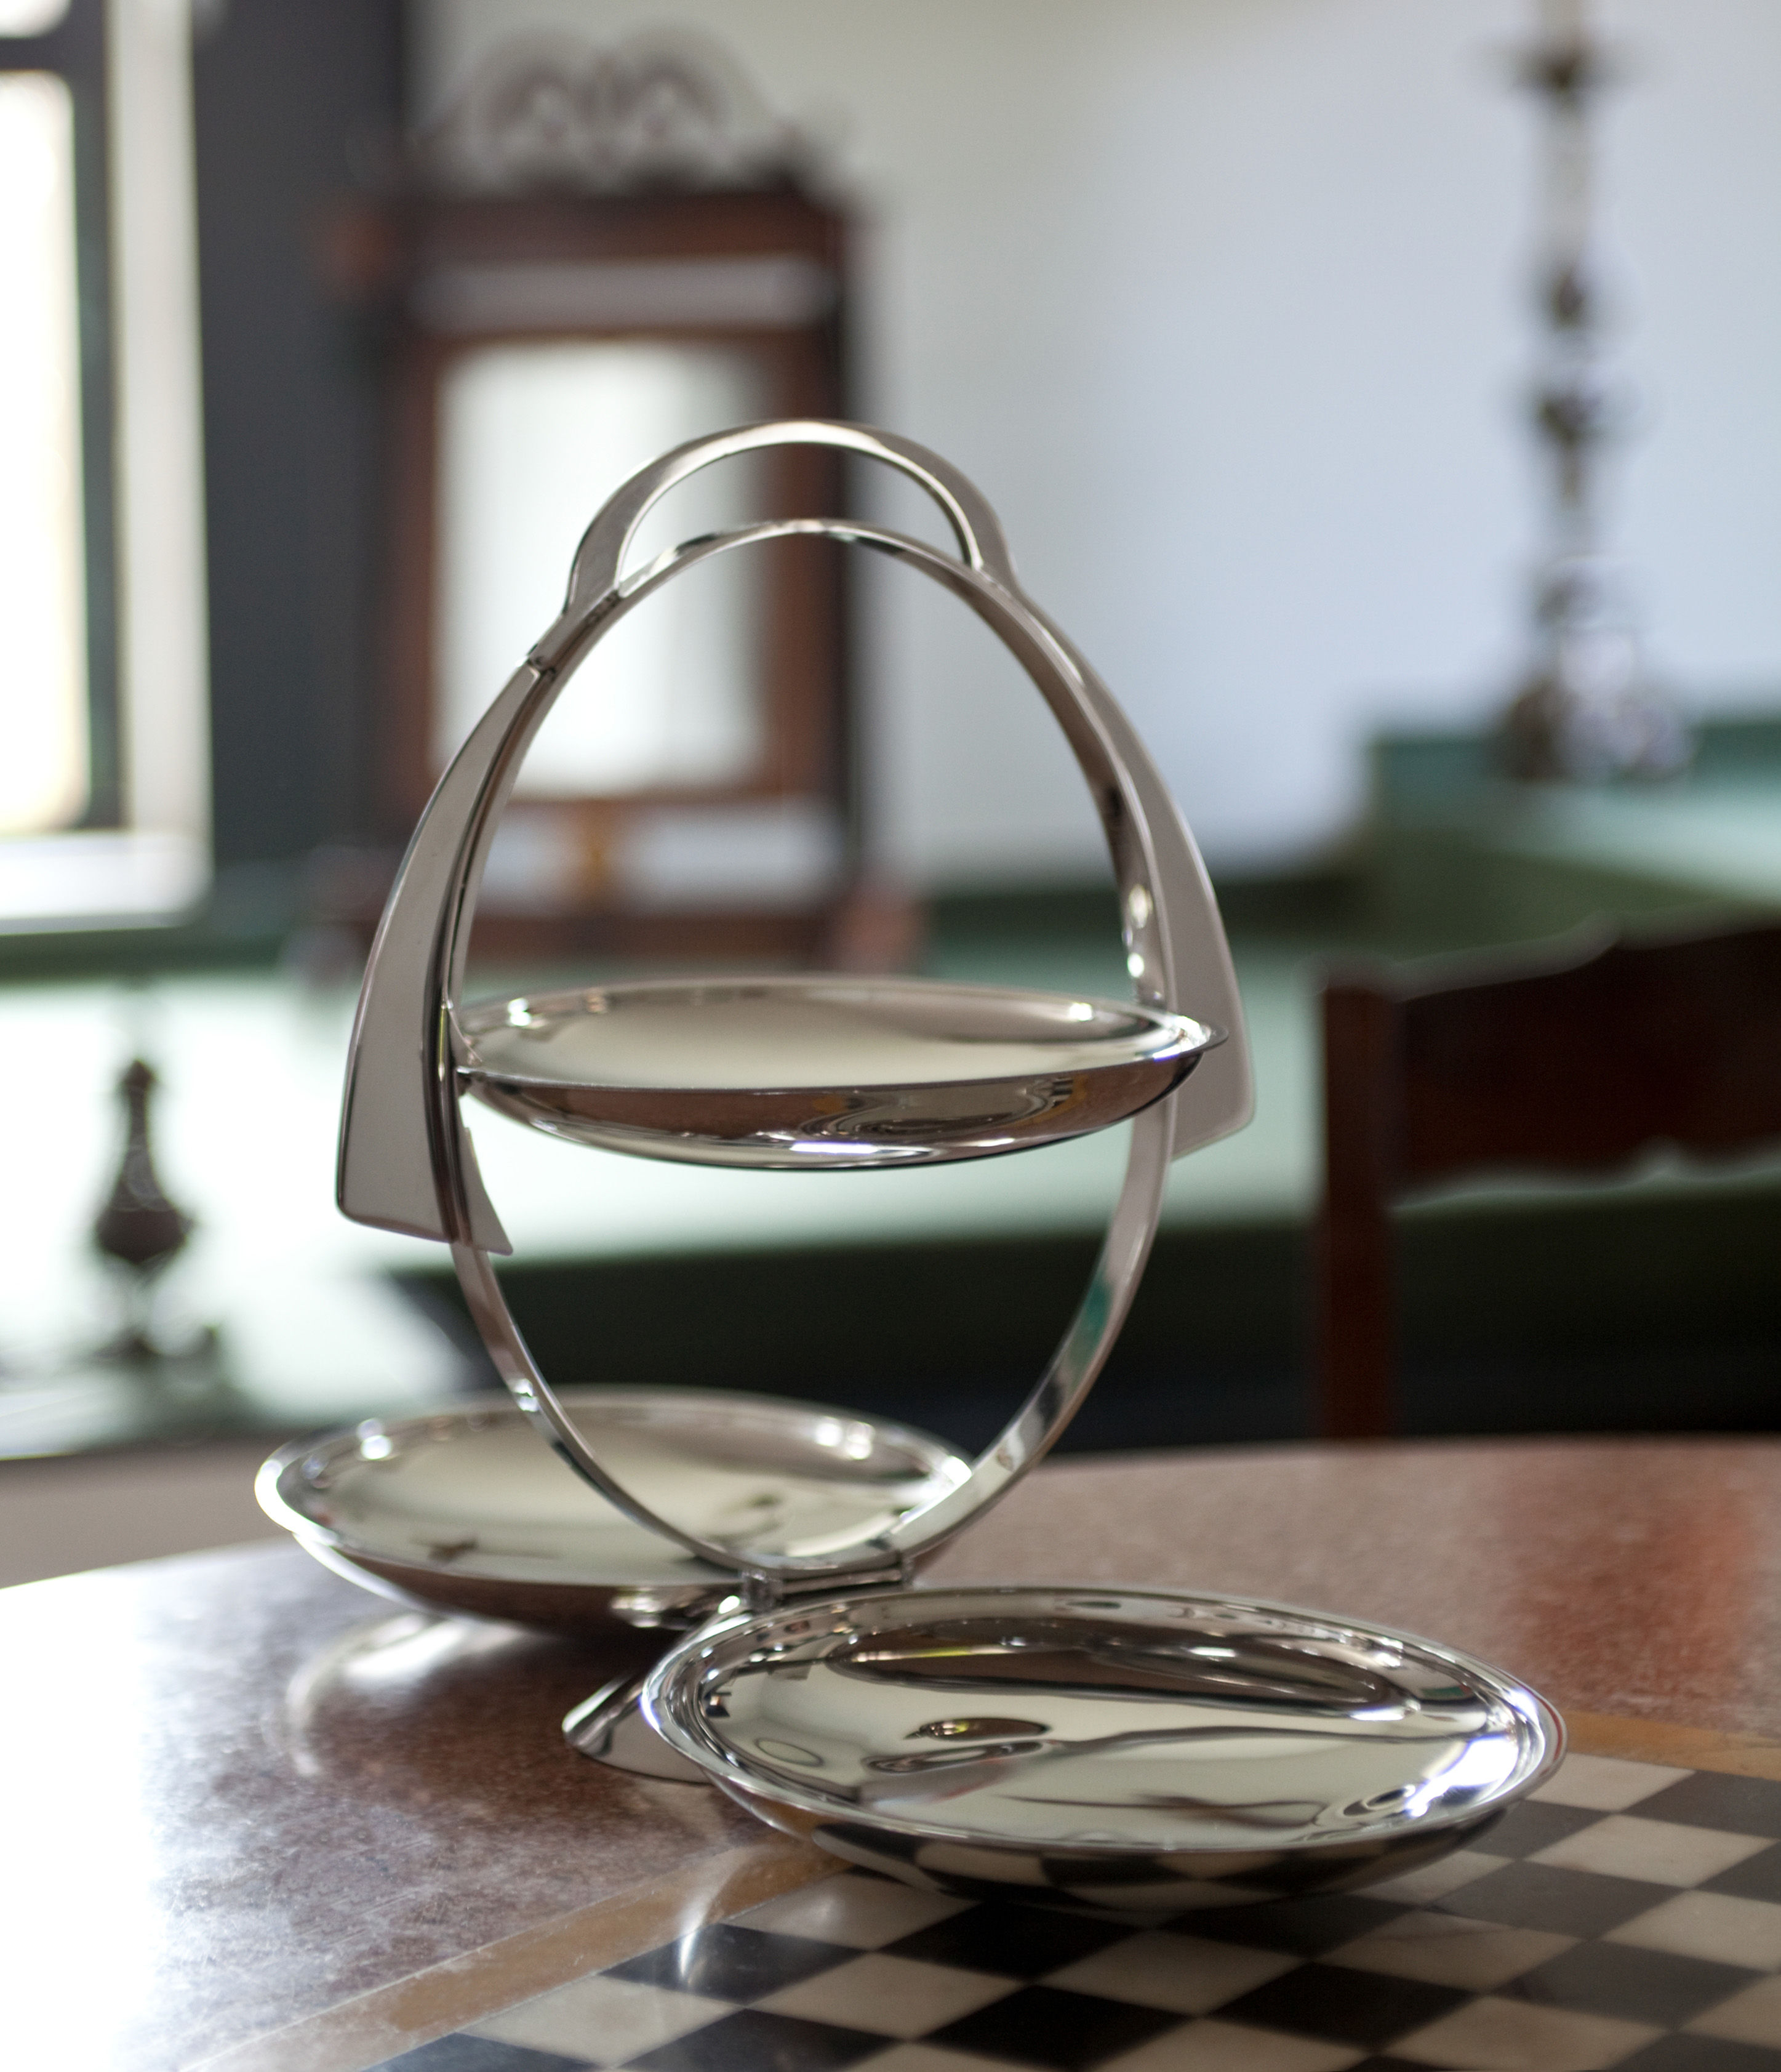 Plateau anna gong pliable l 44 cm 3 tages acier for Serviteur de table 3 etages